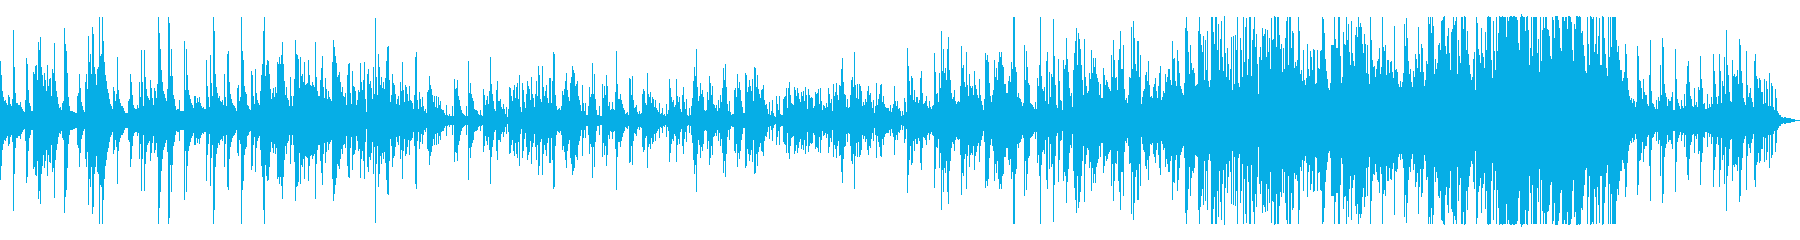 生ピアノの美しく切ないバラードの再生済みの波形